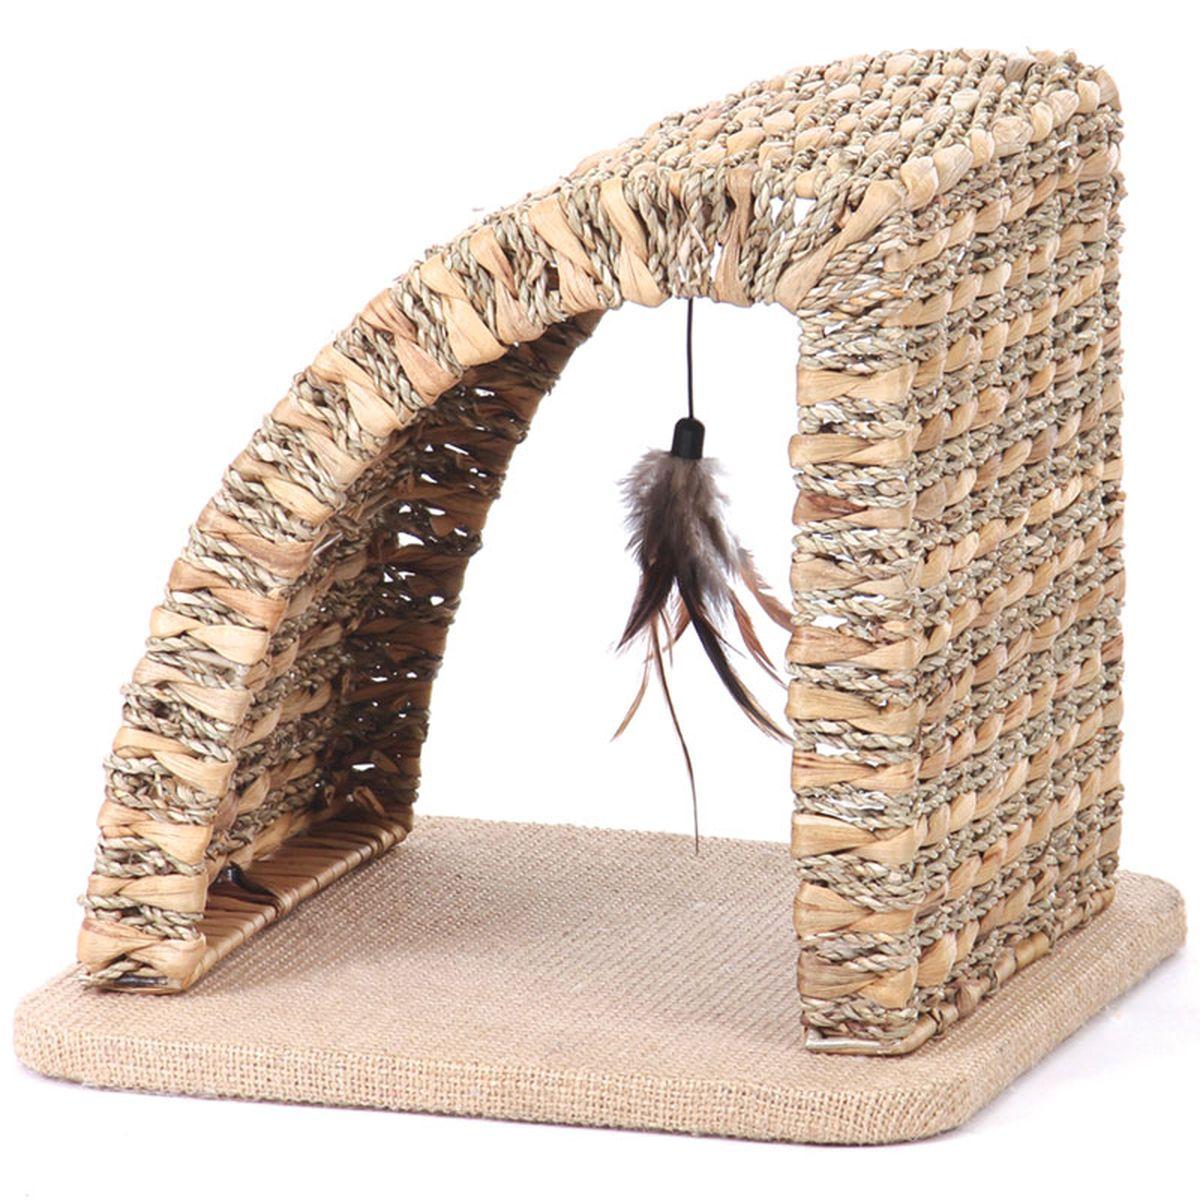 Когтеточка TriolАрка, 35 х 35 х 32 см0120710Коллекция изделий для животных Triol Eco - это лучшие товары из натуральных природных материалов для Ваших питомцев. Triol Eco - это экологичность, безопасность, лаконичный стиль. Радость для Ваших маленьких друзей и украшение дома для Вас. Когтеточка - незаменимая вещь для сохранности мебели в квартире и удовлетворения естественных потребностей кошки. Когтеточка для кошек Triol выполнена из природного экологического материала, арочная форма позволит киске вытянуться во весь рост, чтобы поточить коготки. Для дополнительной привлекательности когтеточка имеет игрушку - подвешенную кисточку из пёрышек. Если Вы не хотите прибивать на стену традиционную когтеточку (кошки обдирают обои вокруг неё, она портит общую картину интерьера и пр.), то напольная когтеточка - лучший выход из положения. Когтеточка для кошек в виде арки полностью удовлетворит потребности кошки поиграть и поточить когти.Камыш:- За счет трубчатой структуры материала легко проветривается;- Выдерживает большие перепады температур;- Не впитывает воду, не промокает, не набухает от сырости;- Обладает бактерицидными свойствами.